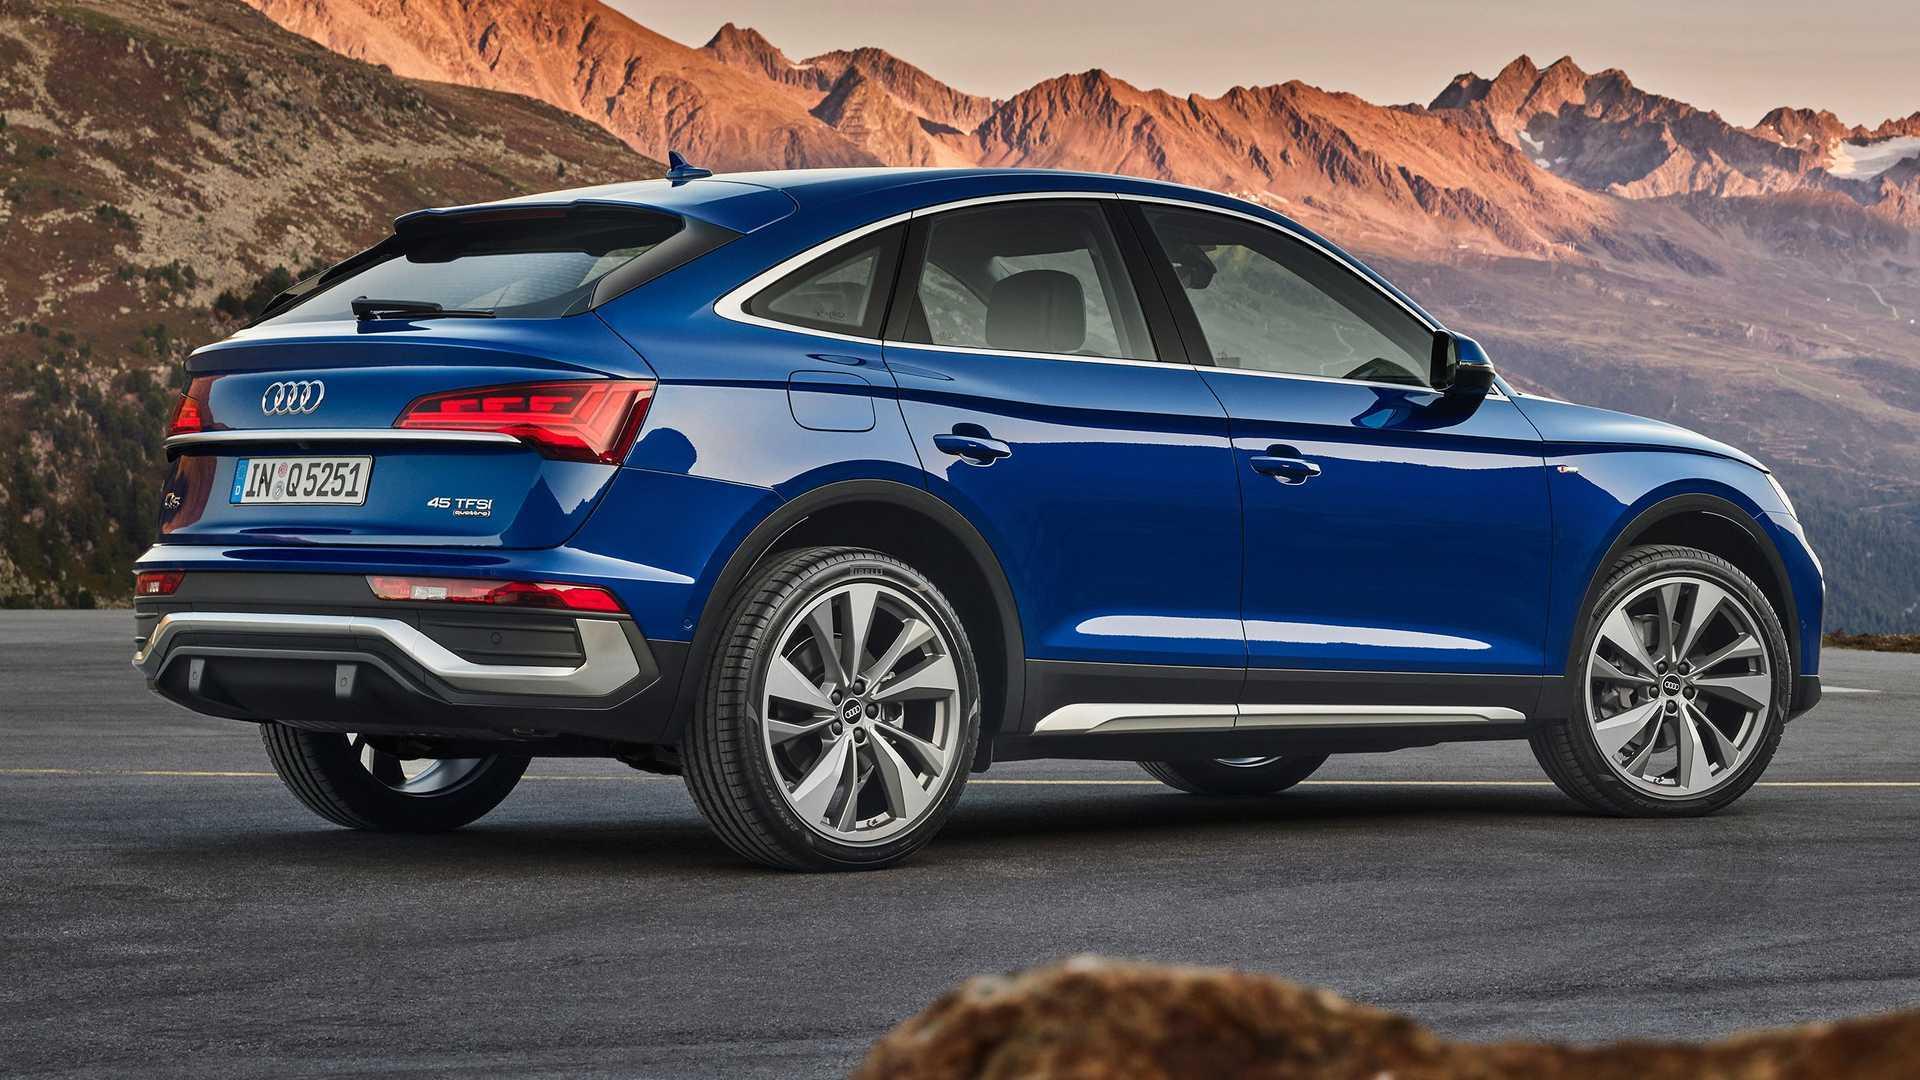 Nuova Audi Q5 Sportback, linee dinamiche e versatilità da SUV